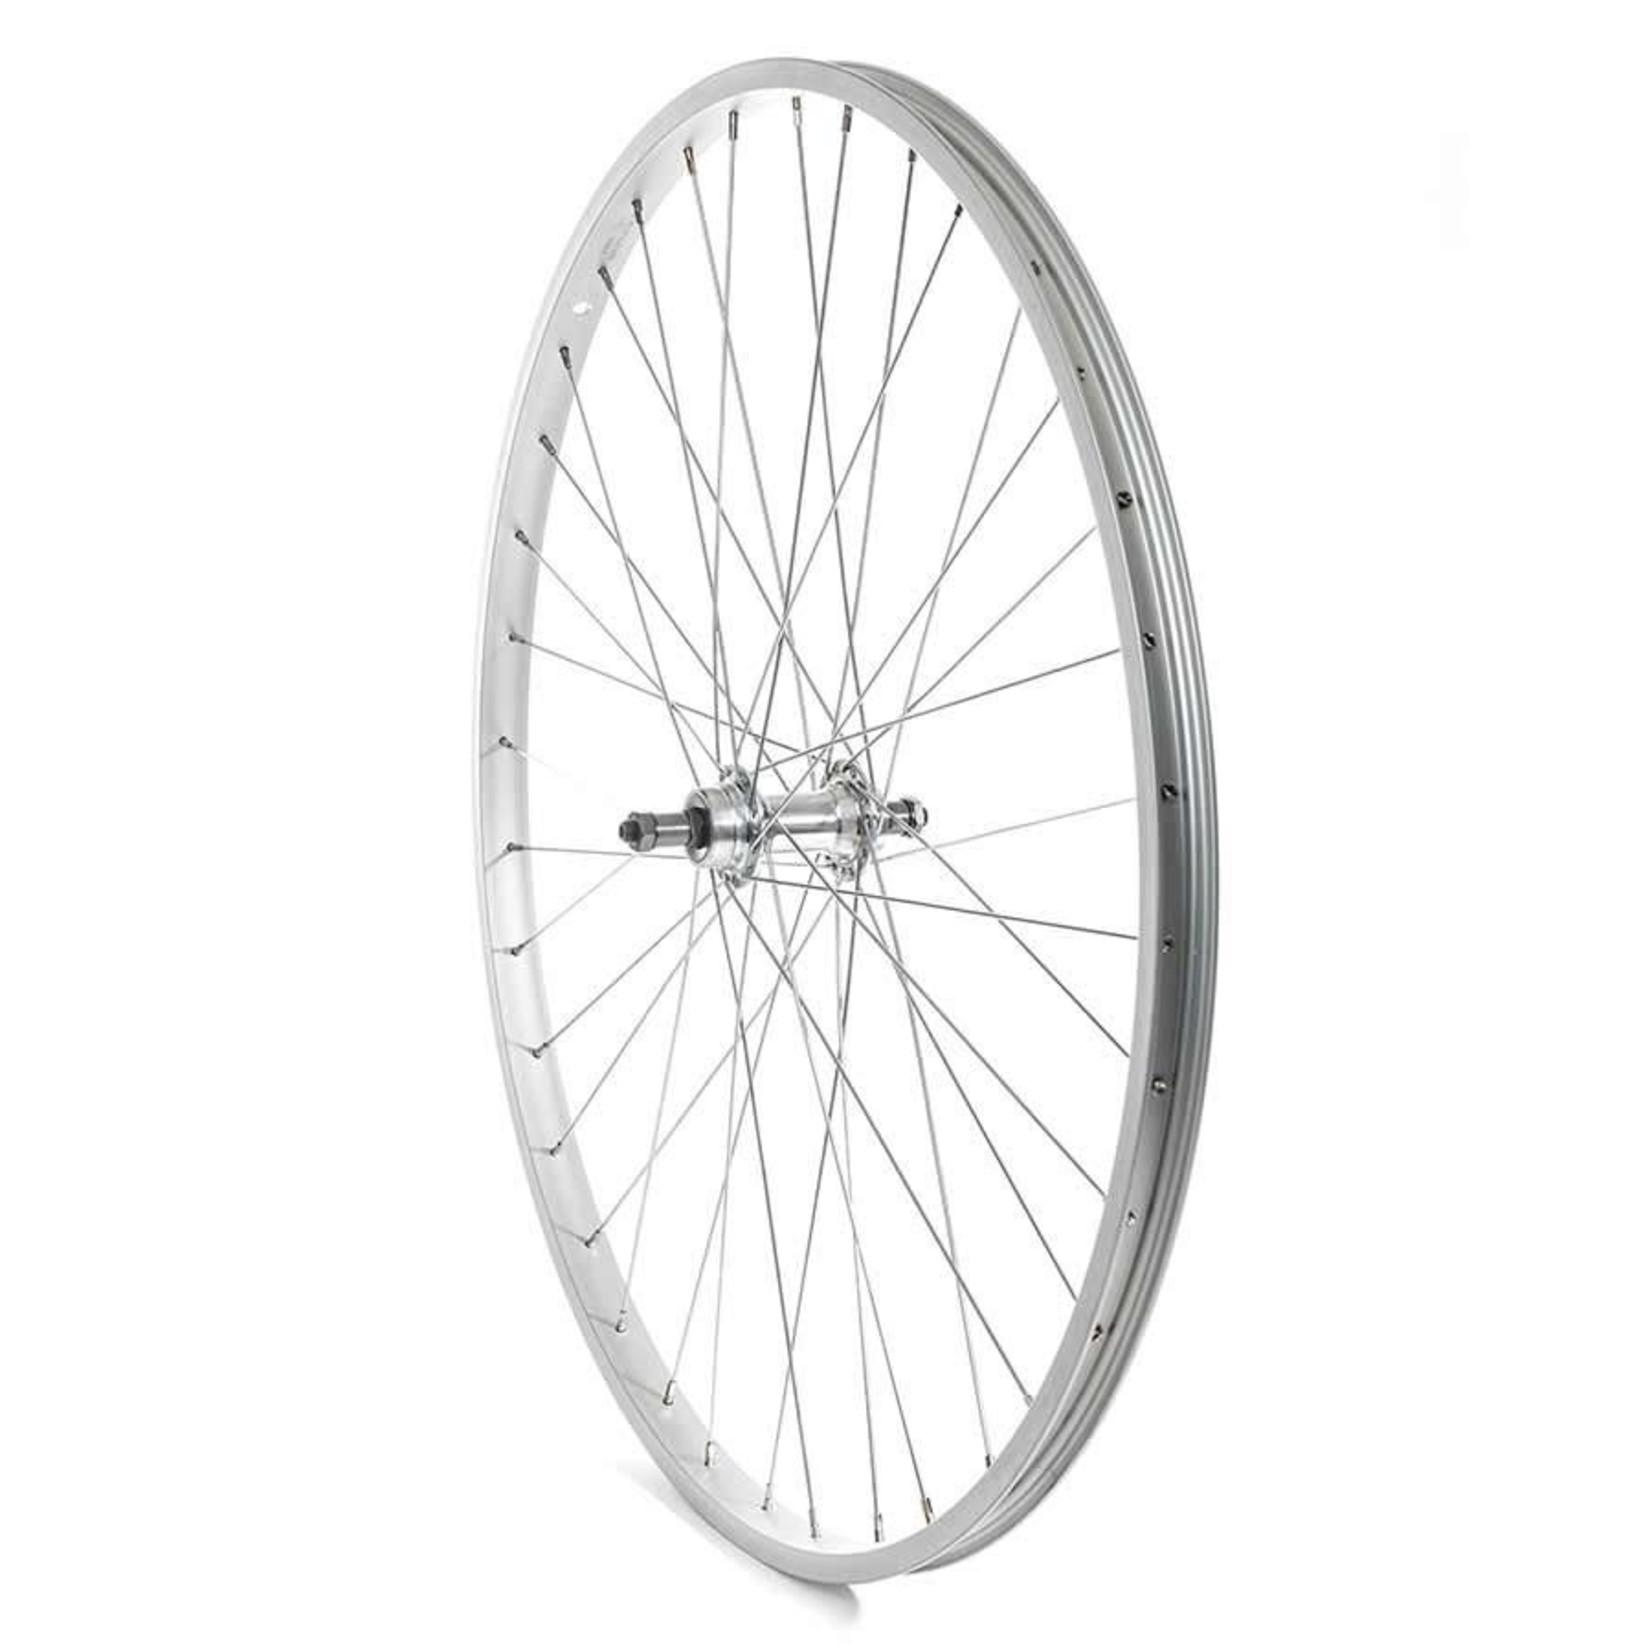 The Wheel Shop Roue 27'' Arriere Alex C303 Argent / FM-31 Argent, Rayons acier X 36, Essieu QR, Pour roue-libre